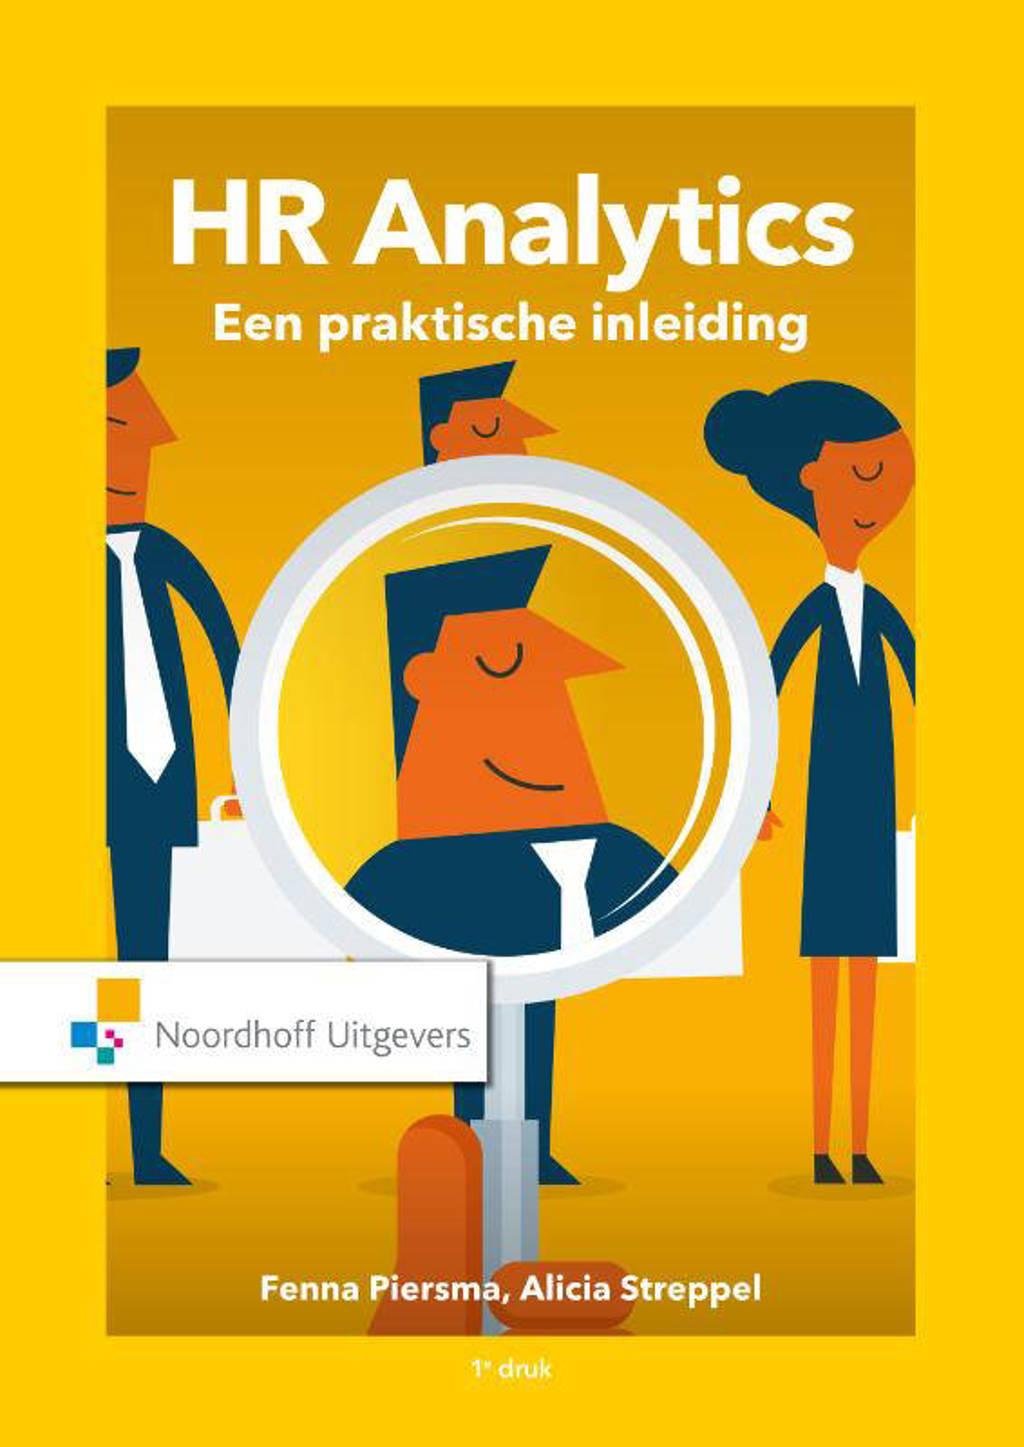 HR Analytics - Fenna Piersma en Alicia Streppel